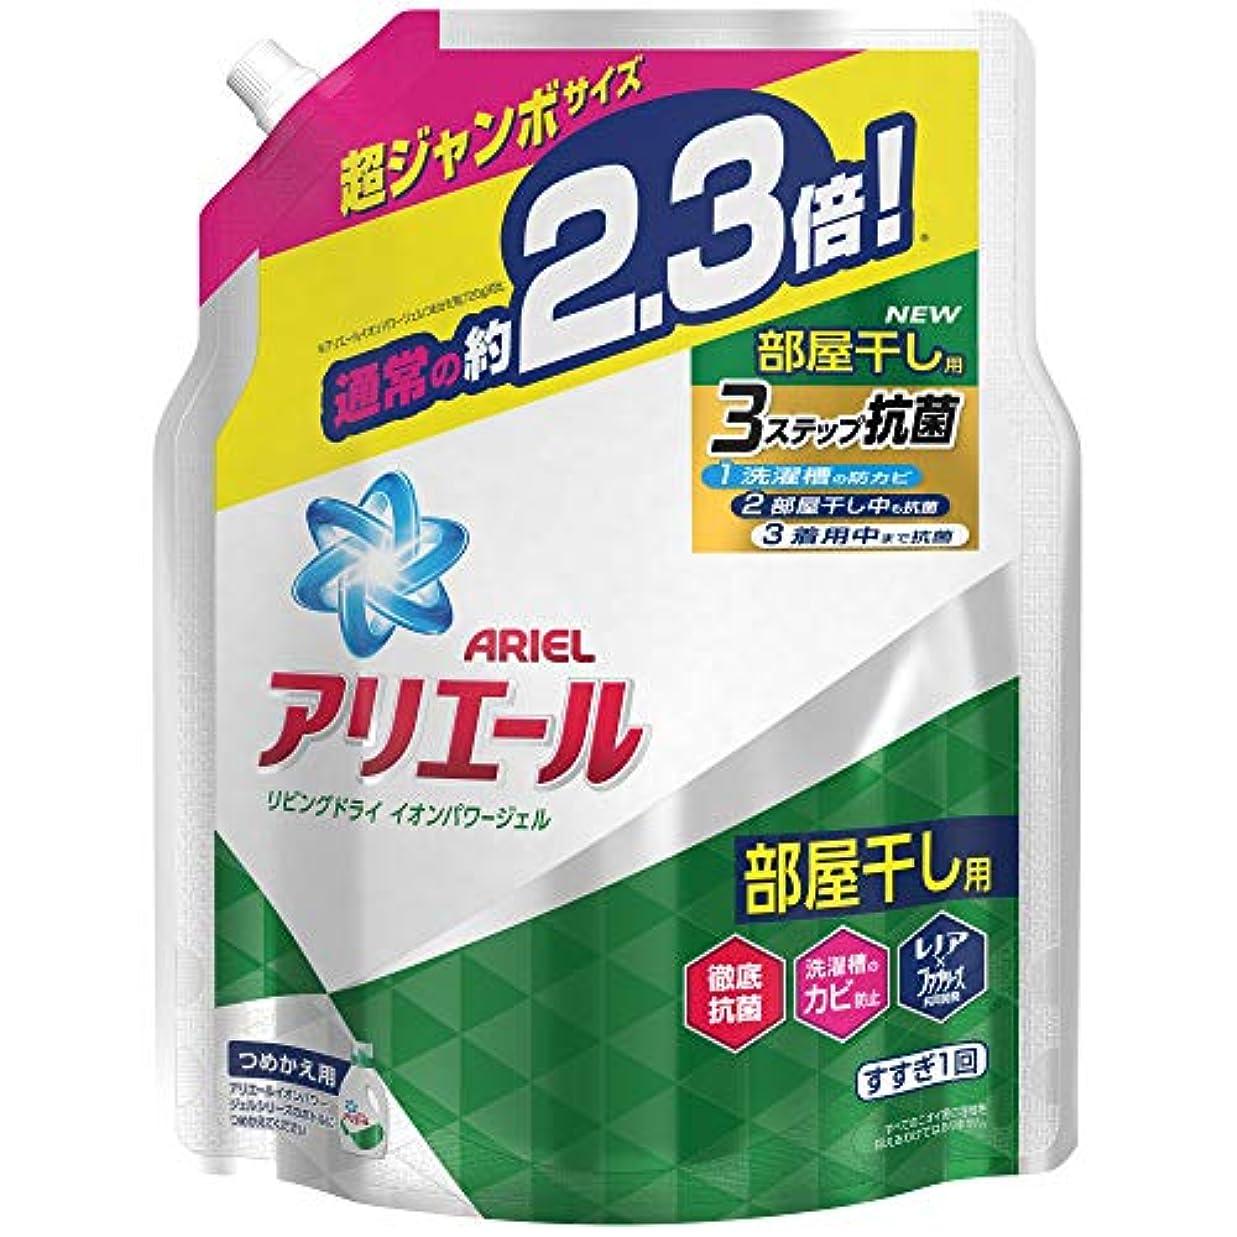 テロ揃える振るうアリエール 洗濯洗剤 液体 部屋干し用 リビングドライイオンパワージェル 詰め替え 超ジャンボ 1.62kg